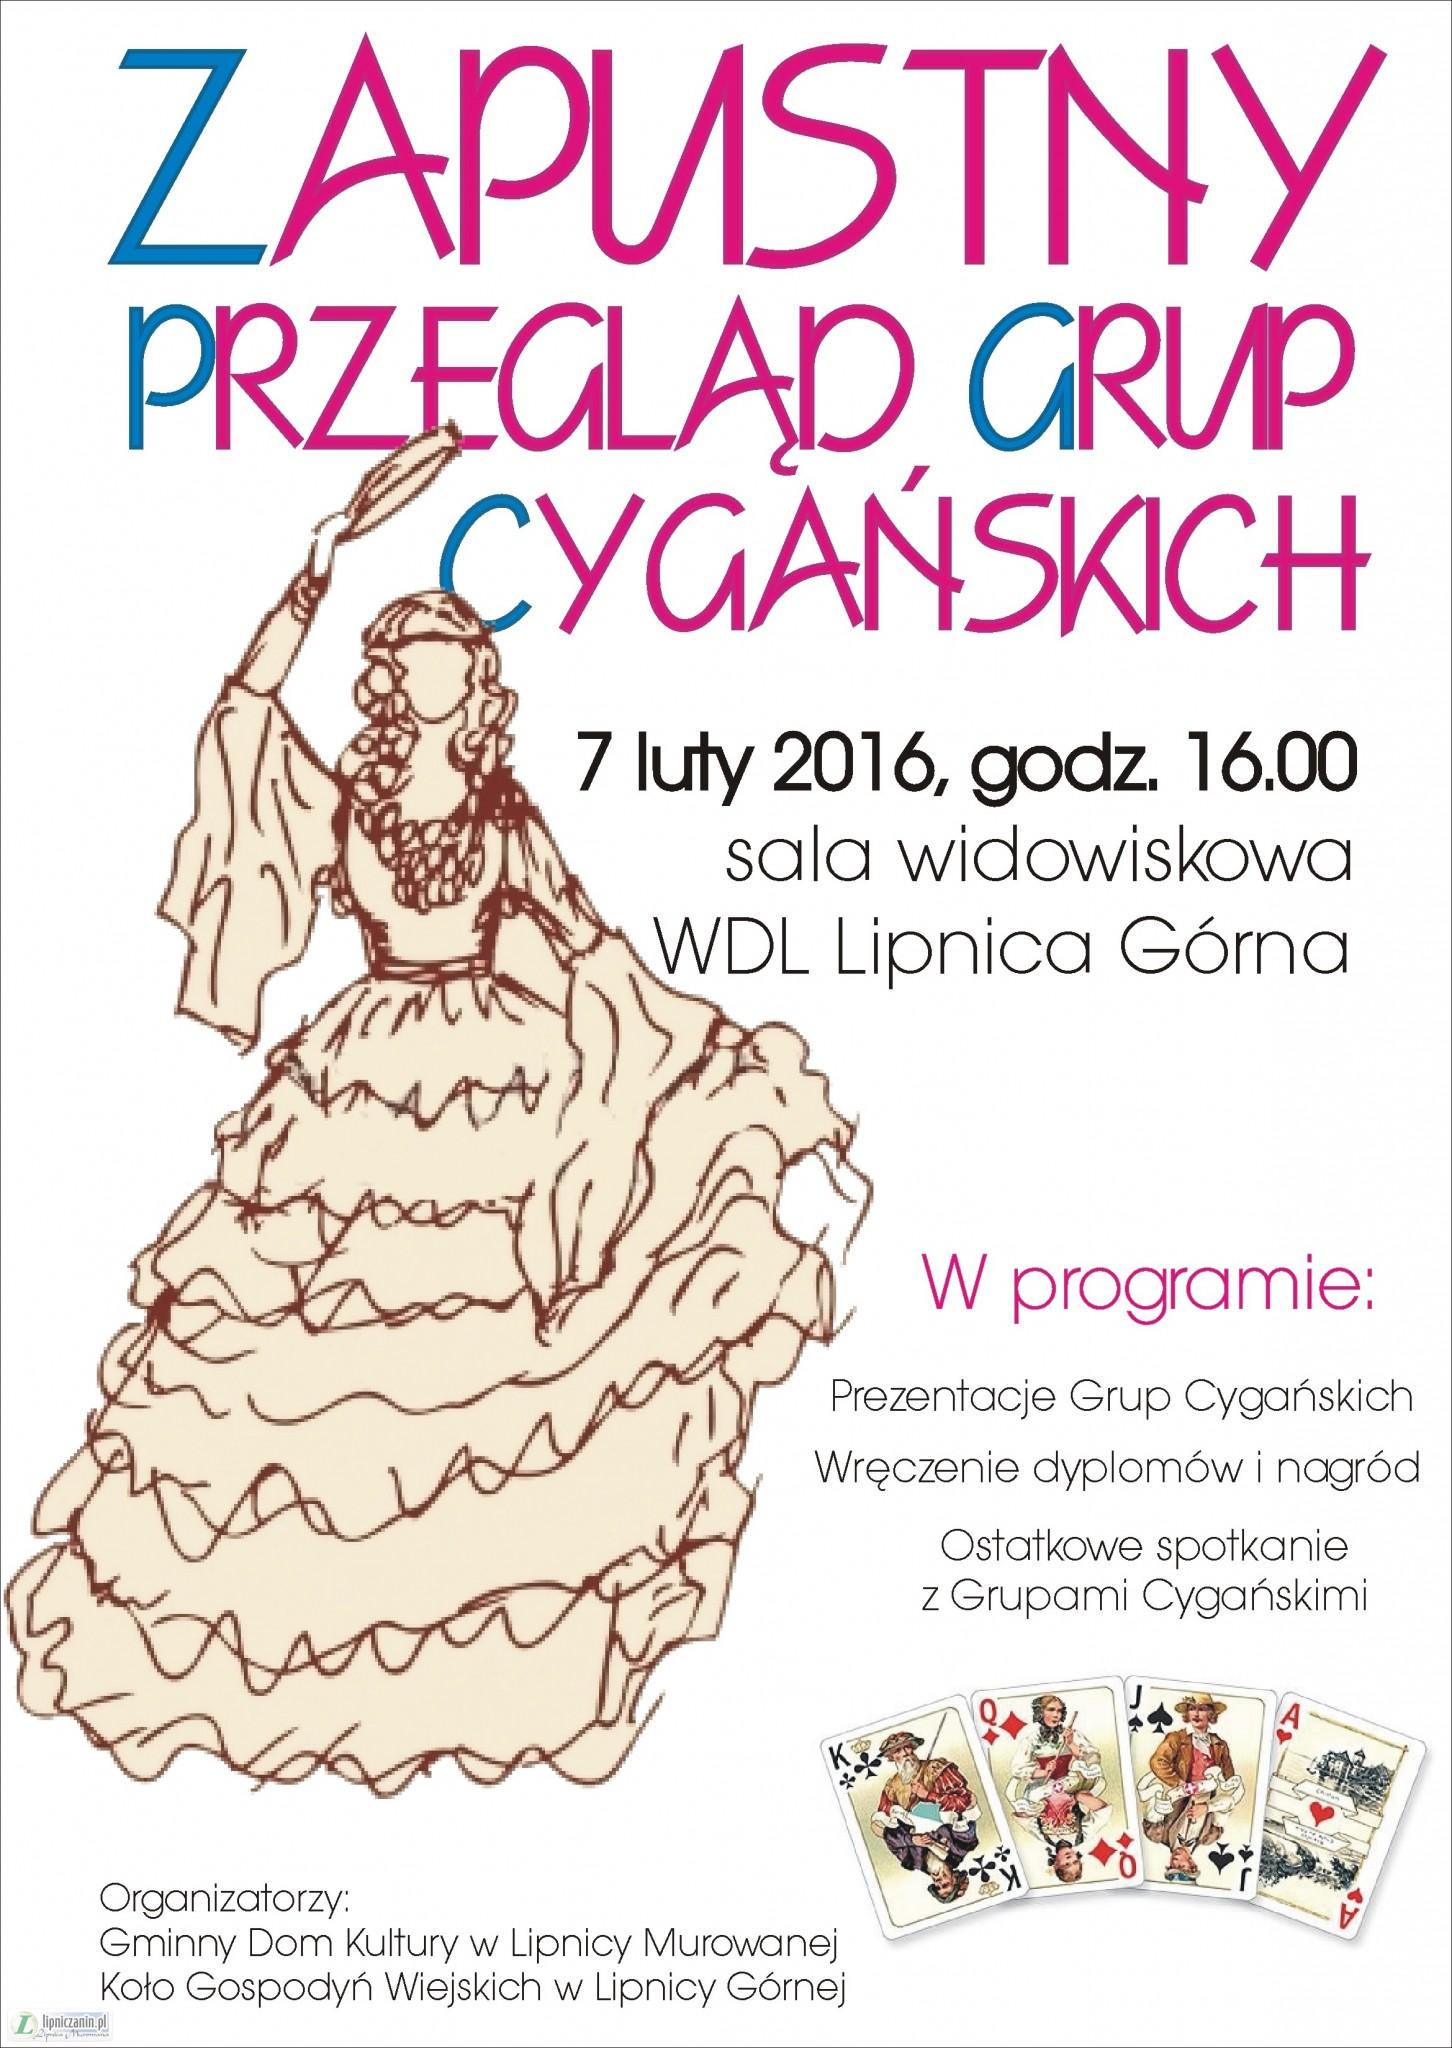 Przegląd grup cygańskich z gminy Lipnica Murowana